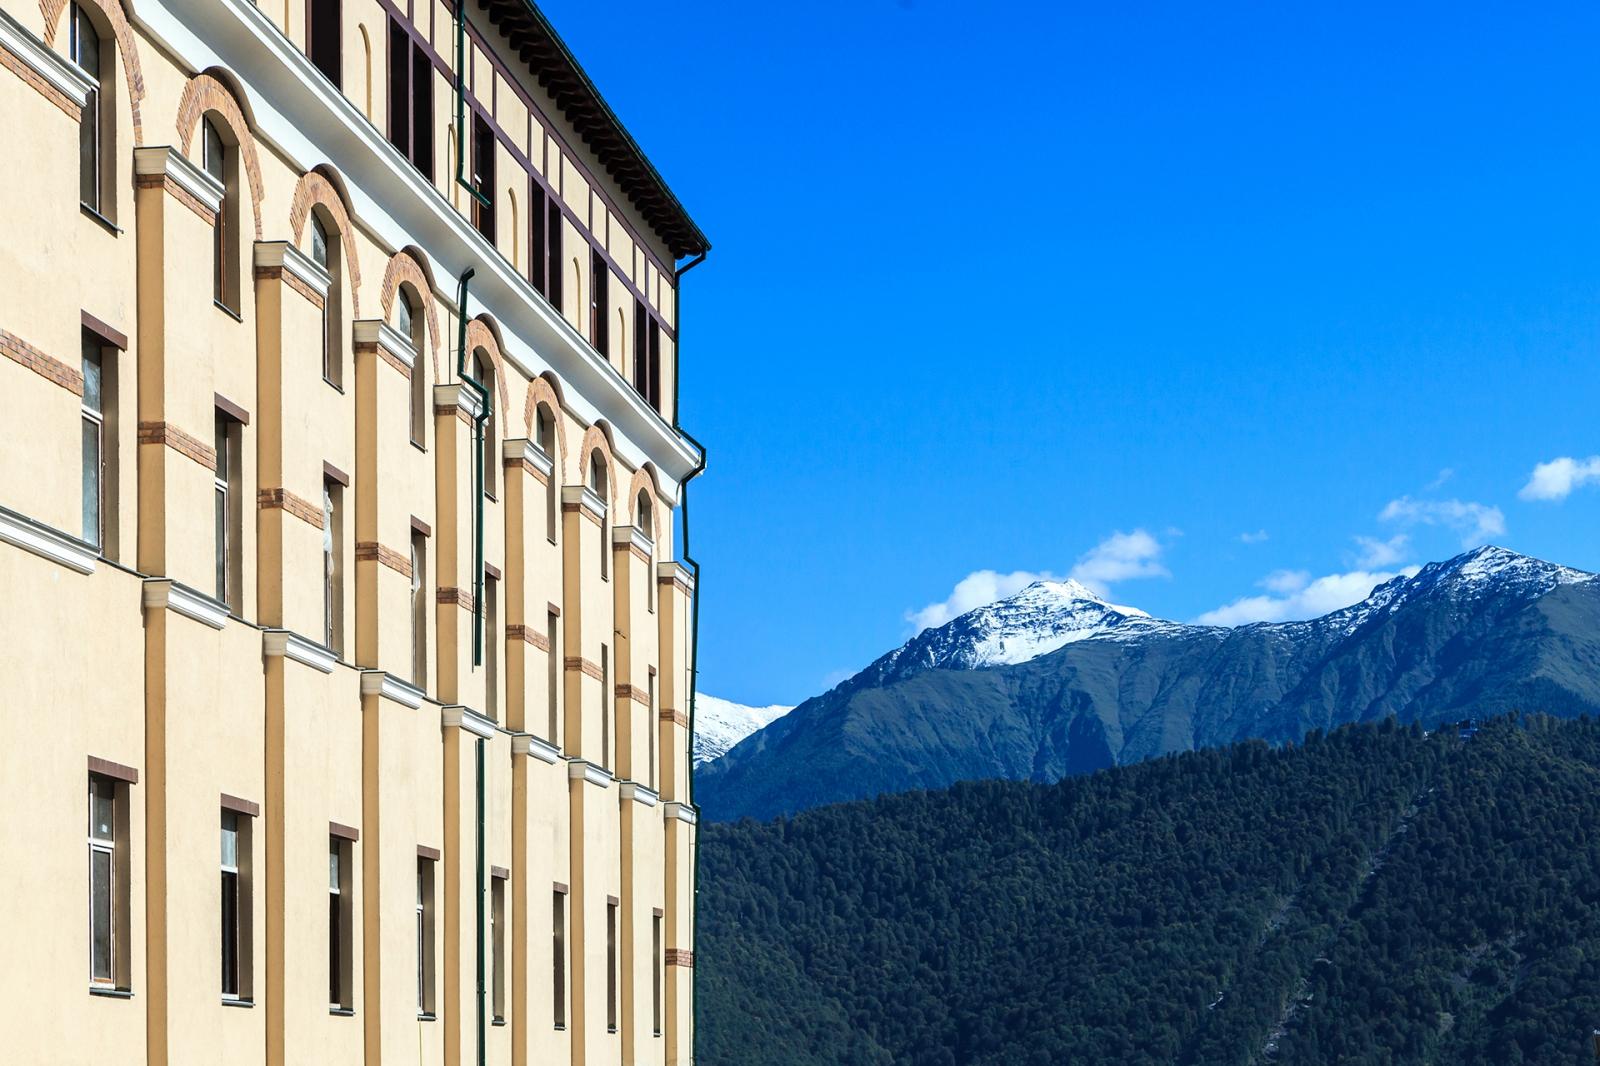 этом есть горки панорама отель красная поляна фото бисера страз для